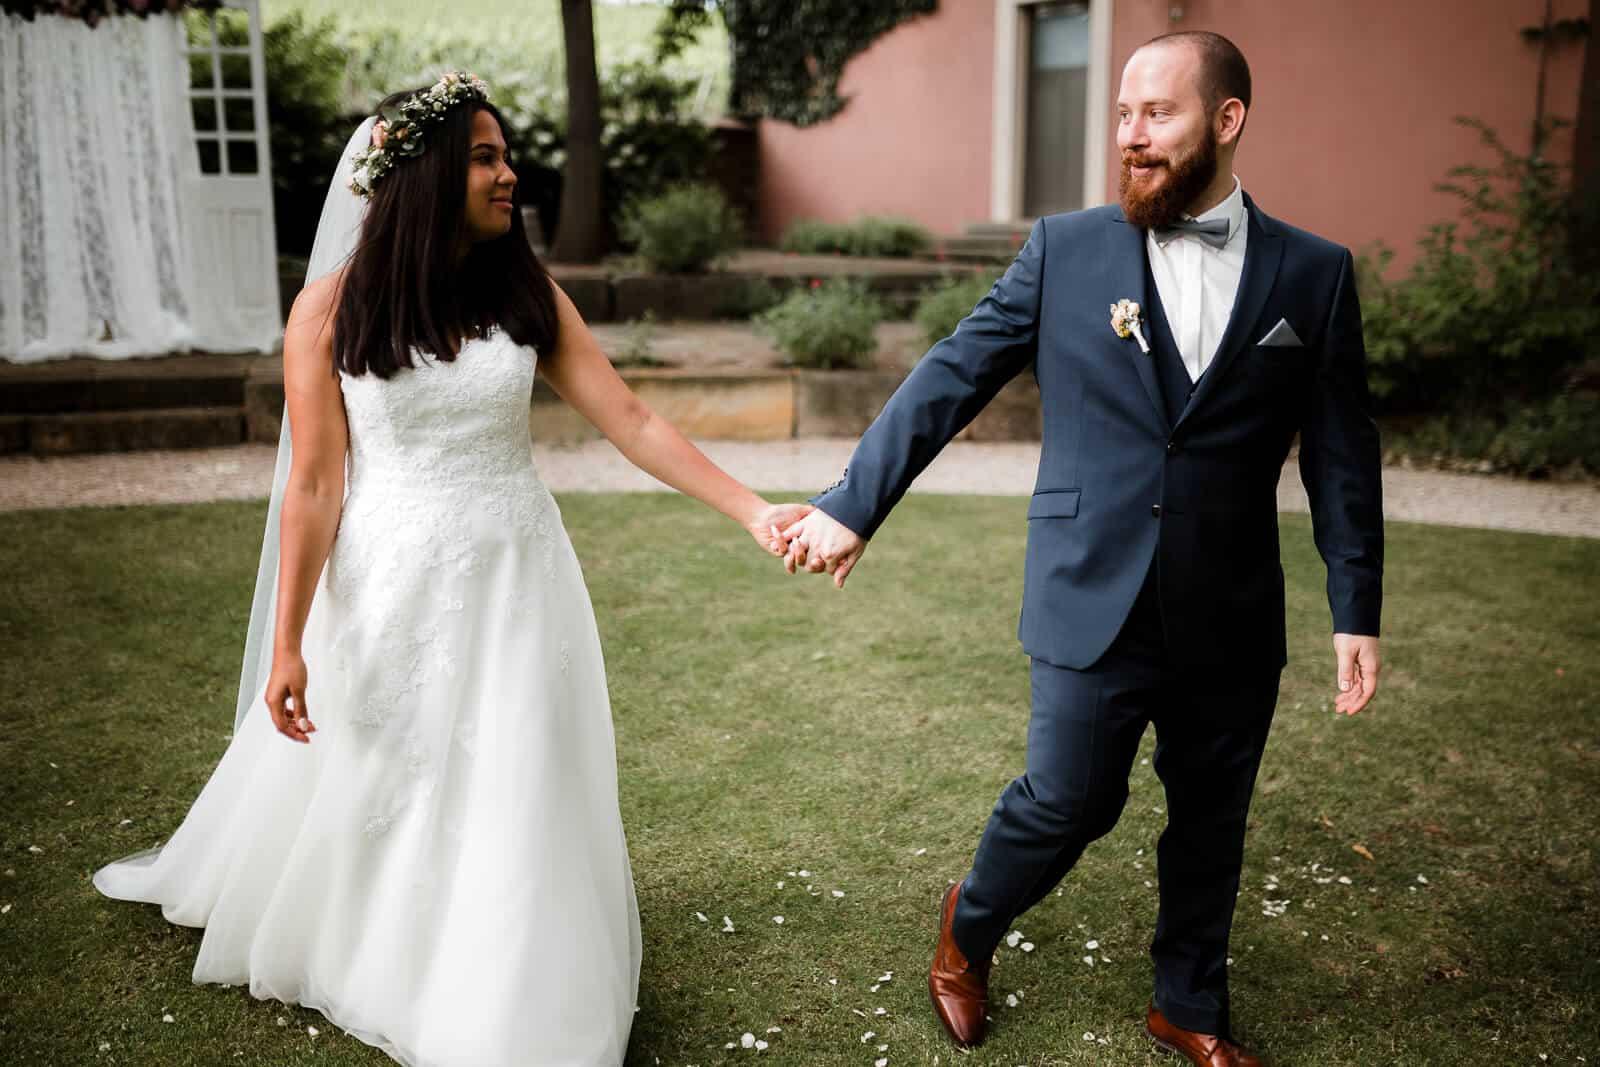 Philip und Raquel laufen durch den Garten des Weinguts